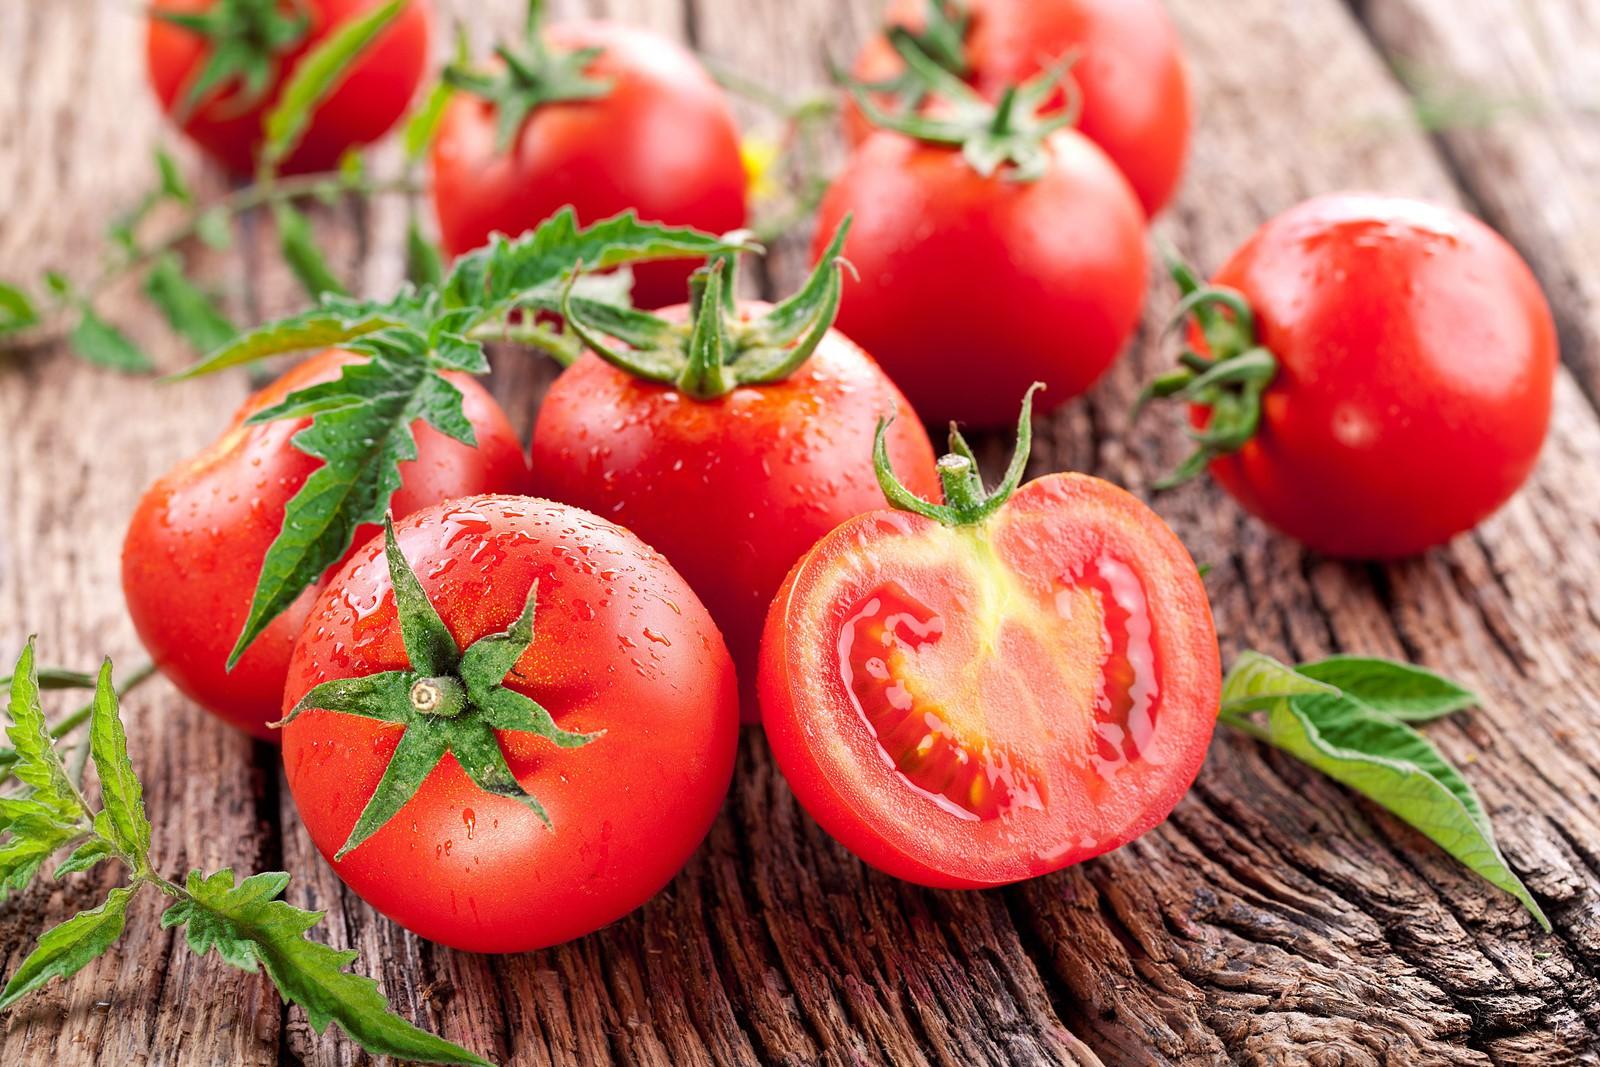 Có những loại rau củ chứa ít calo nhưng mang đến cho bạn nhiều dinh dưỡng tuyệt vời - Ảnh 3.